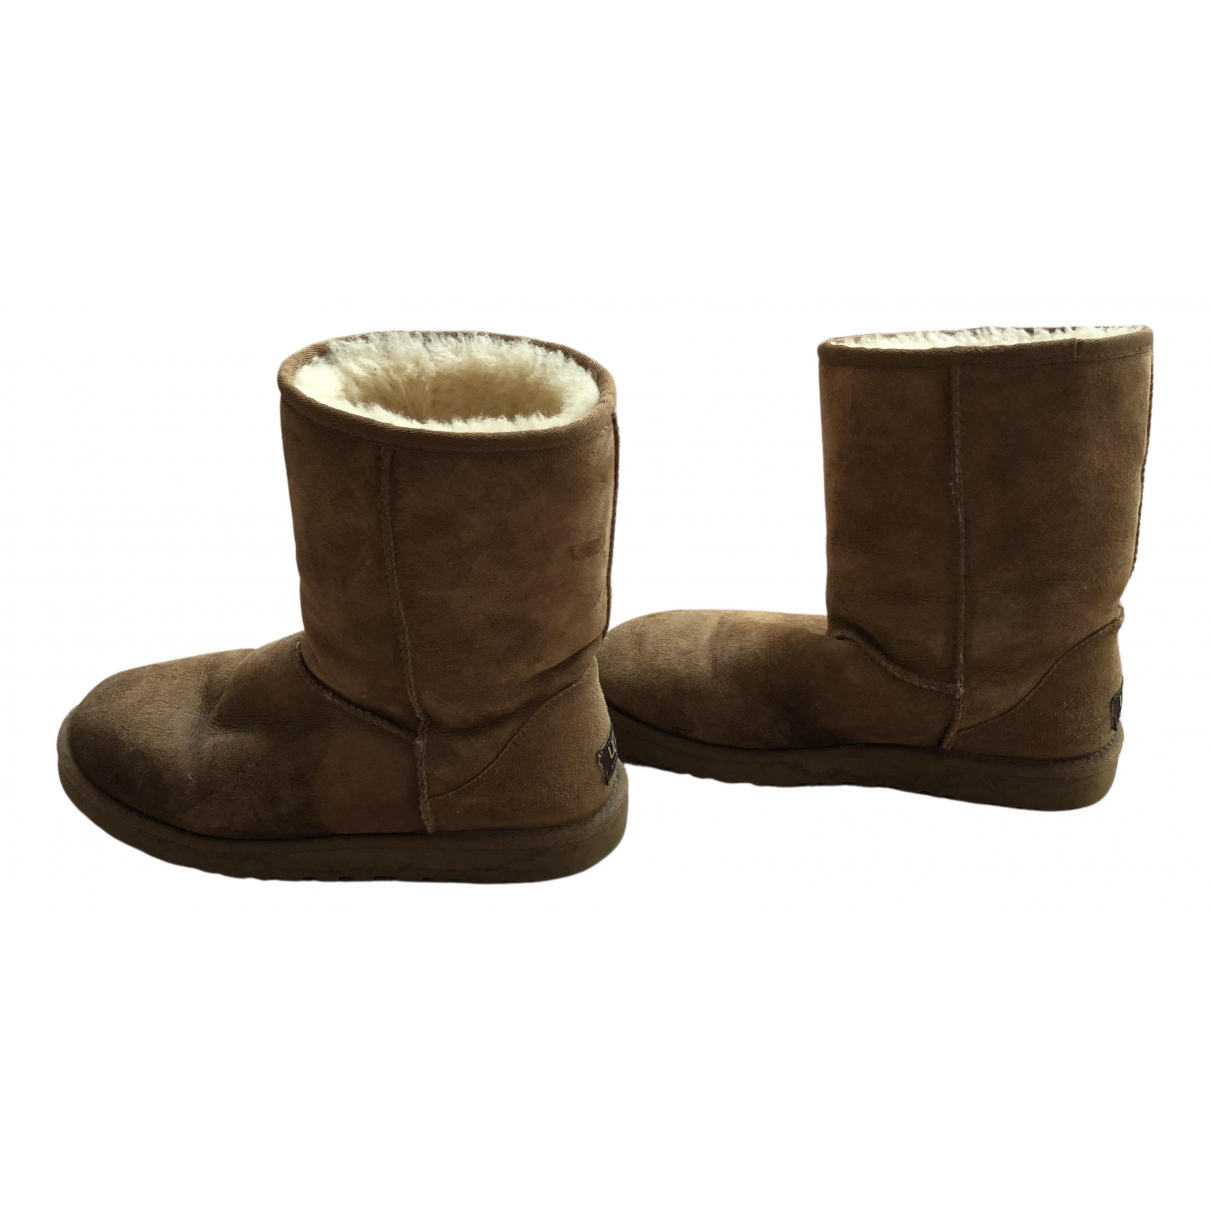 Ugg - Boots   pour femme en fourrure synthetique - camel